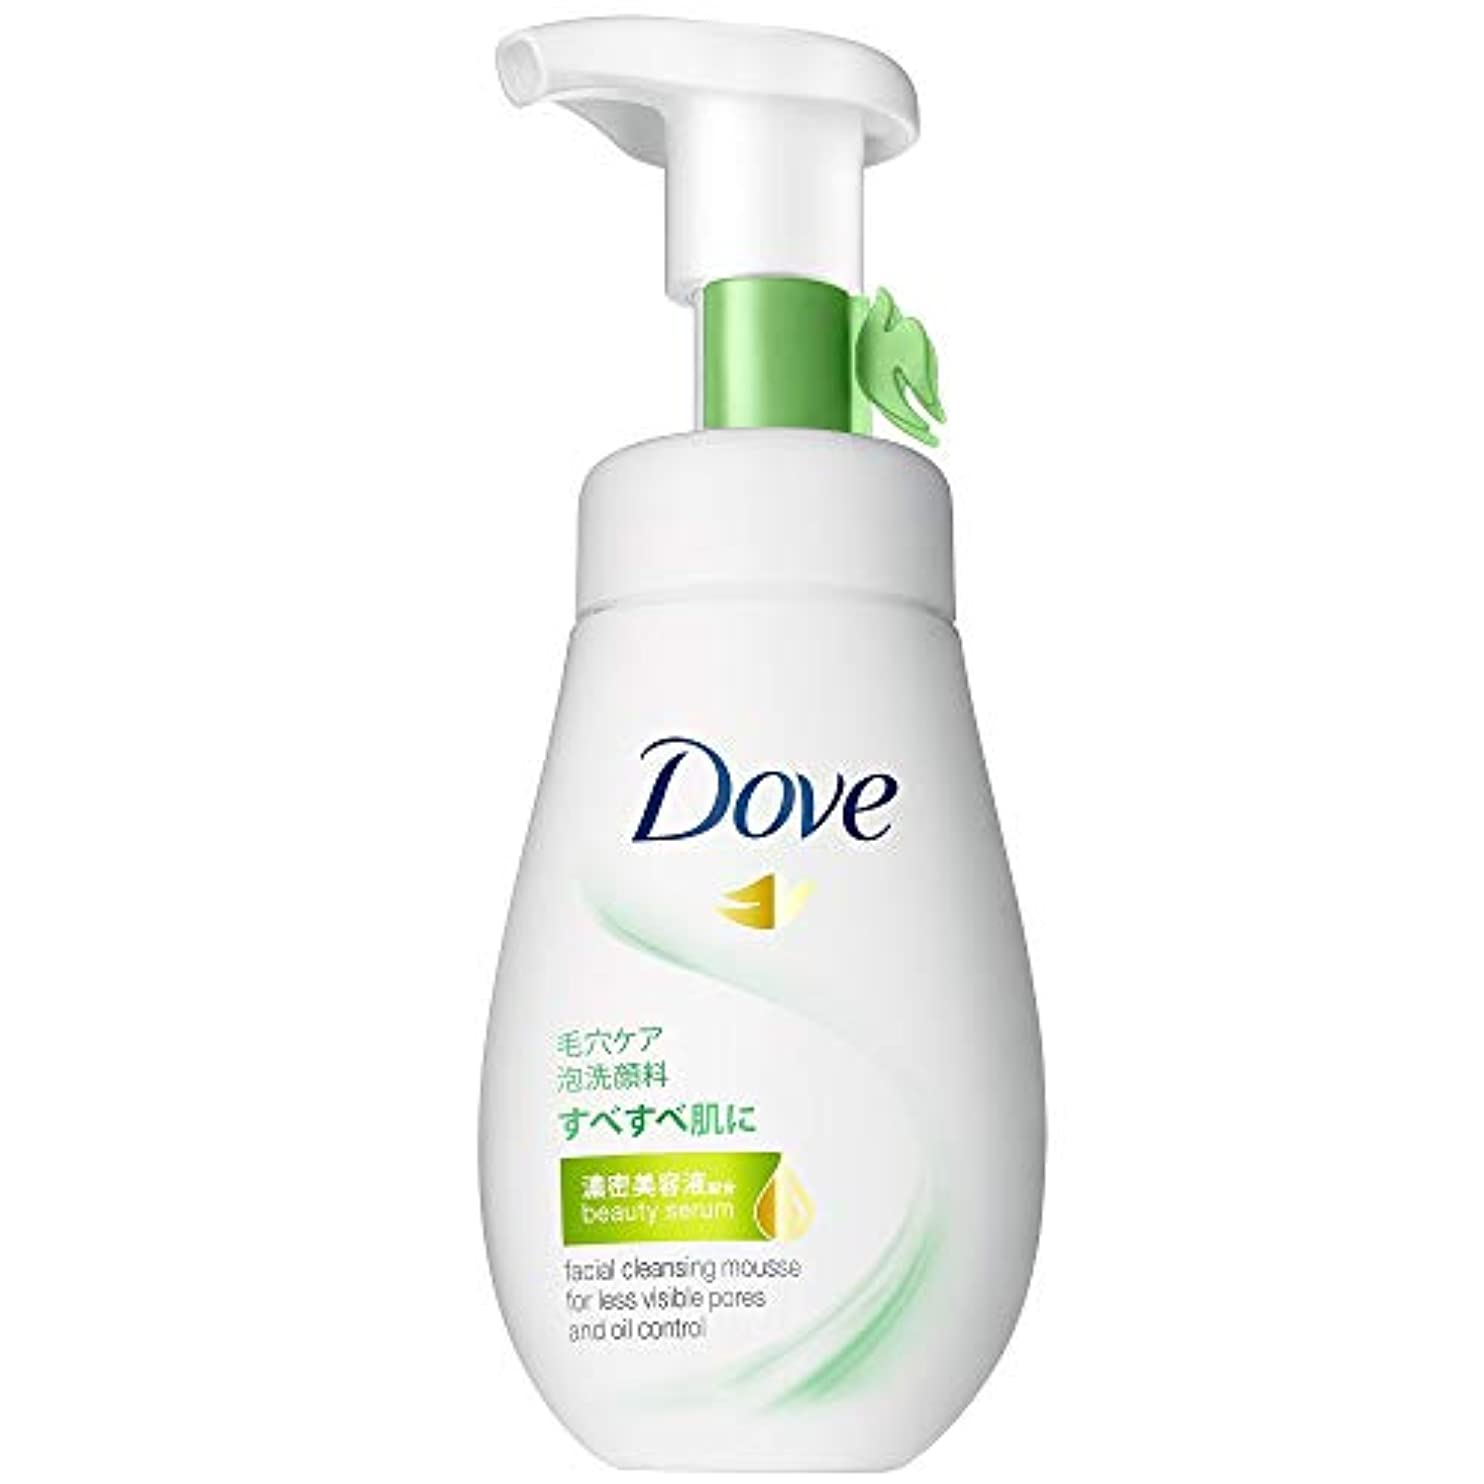 例外すべき最少ダヴ ディープピュア クリーミー泡洗顔料